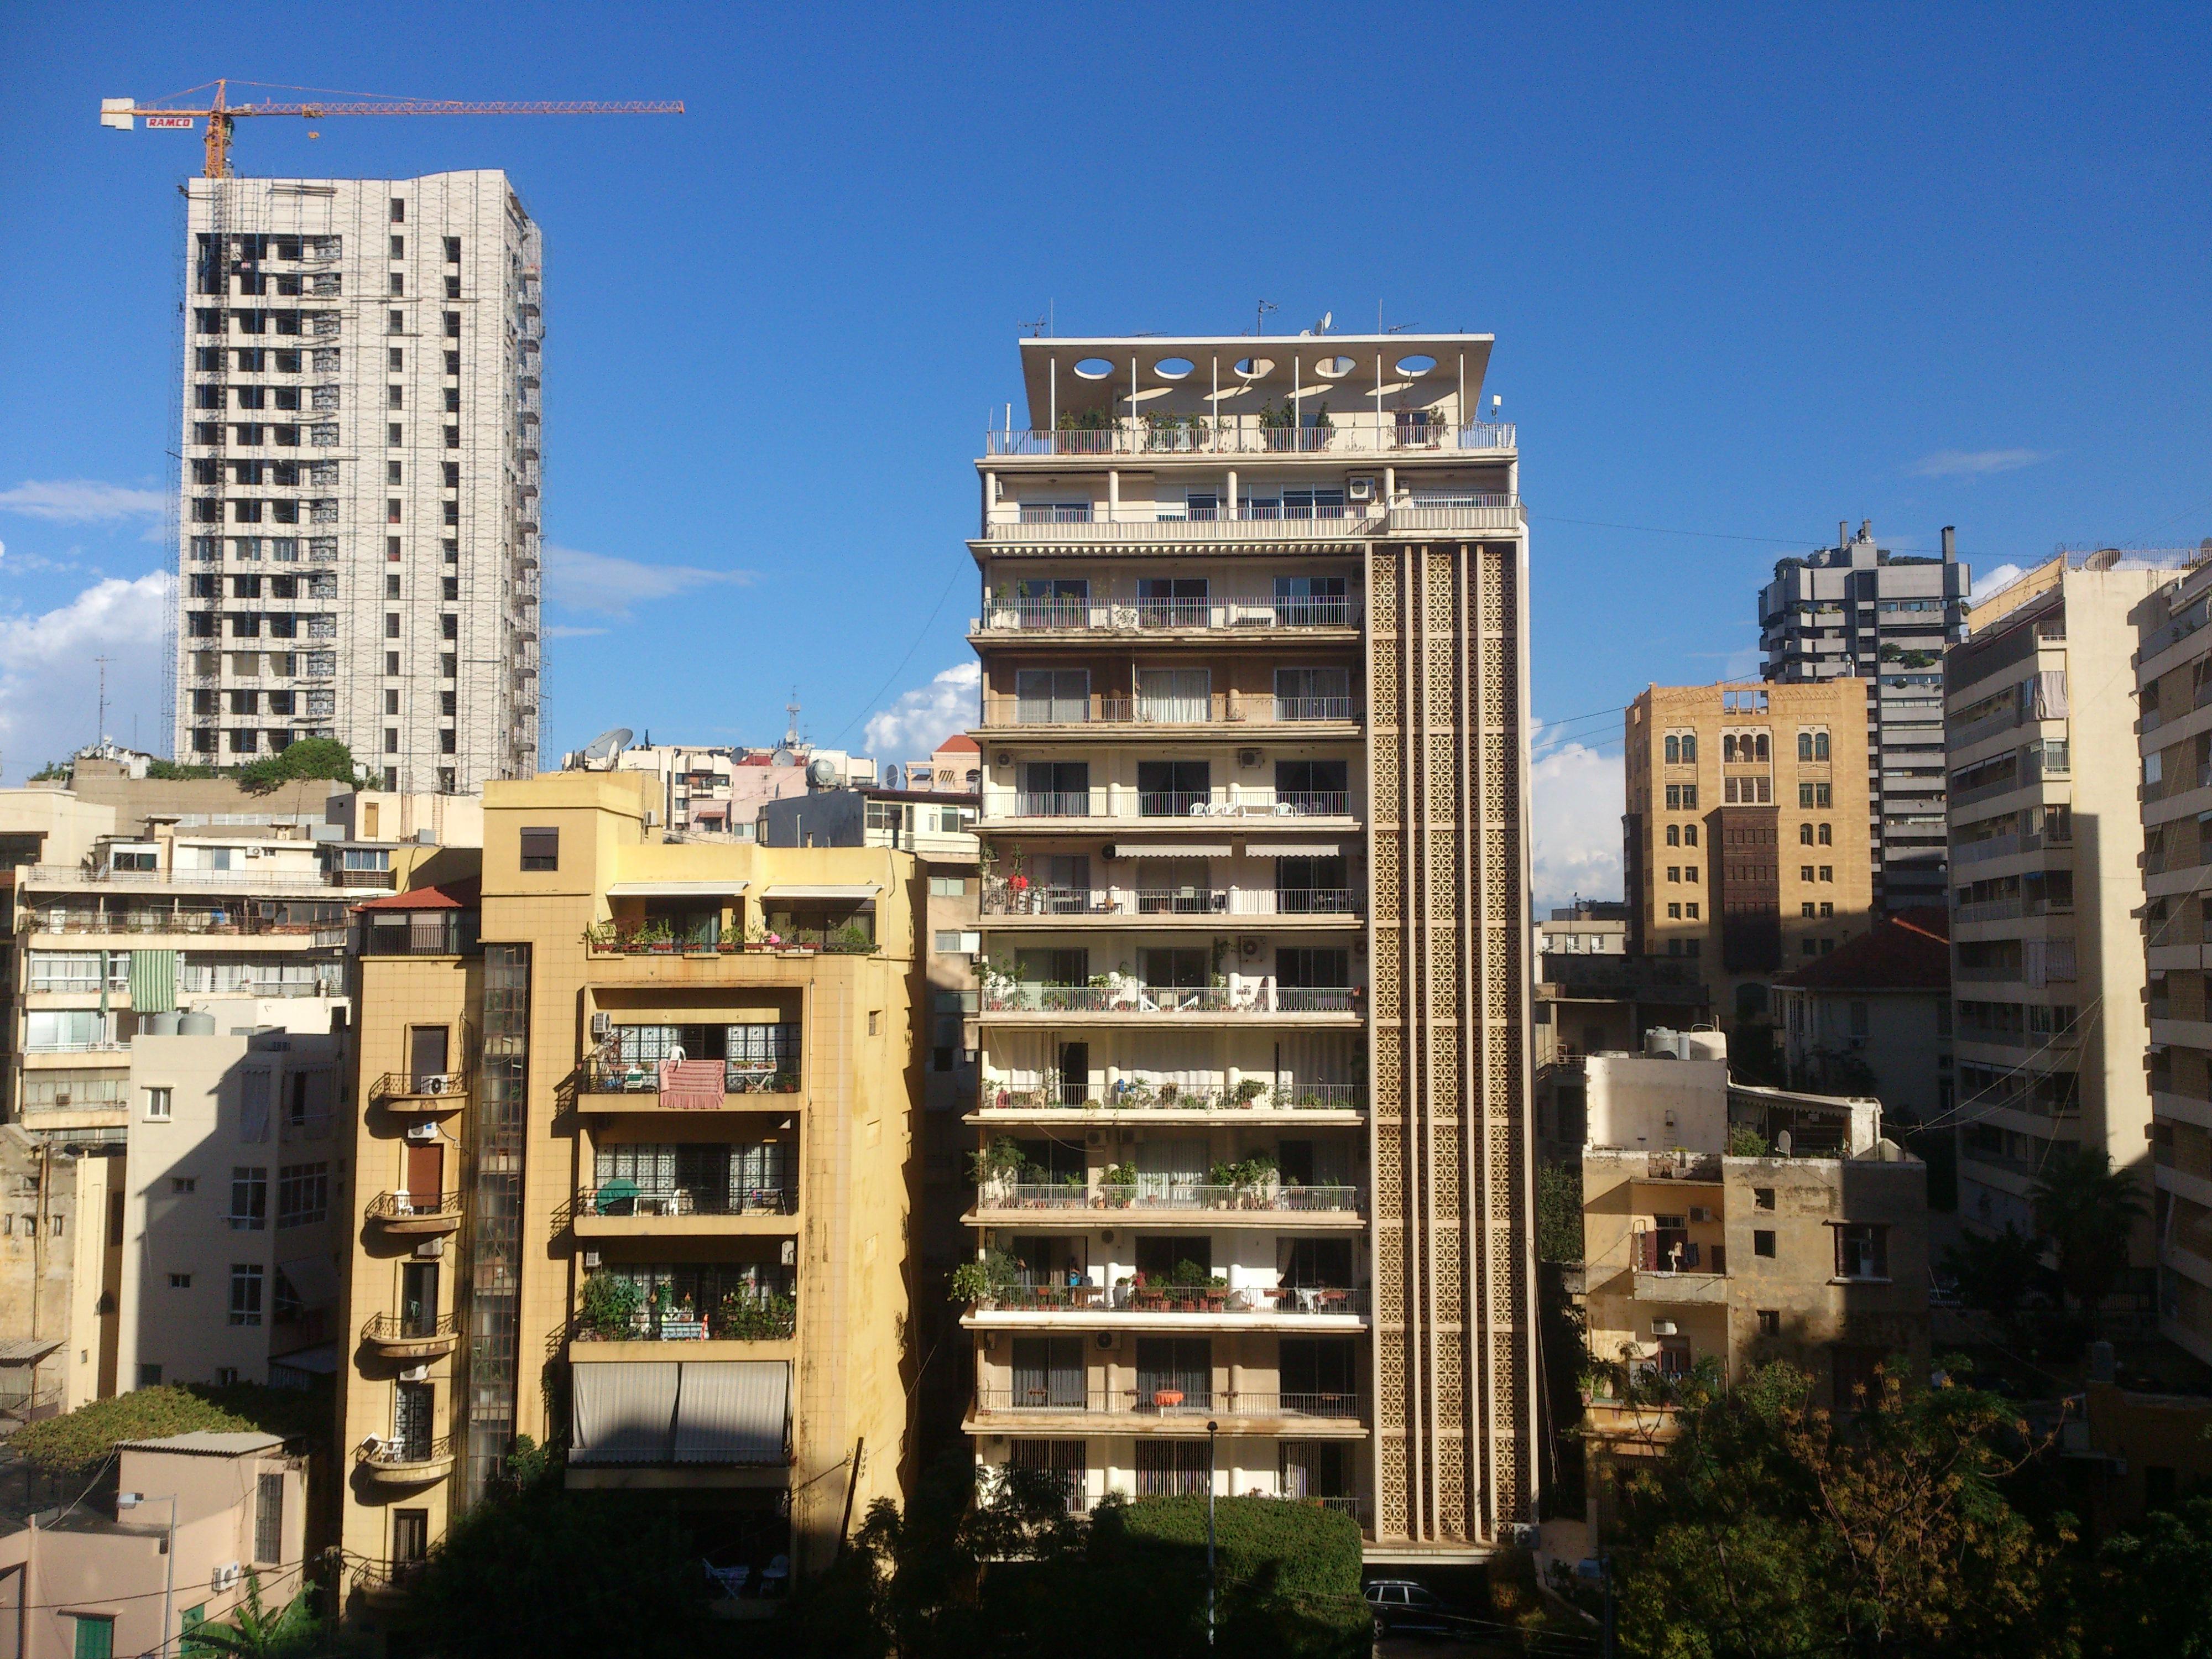 Apartments Buildings For Sale In El Paso Tx